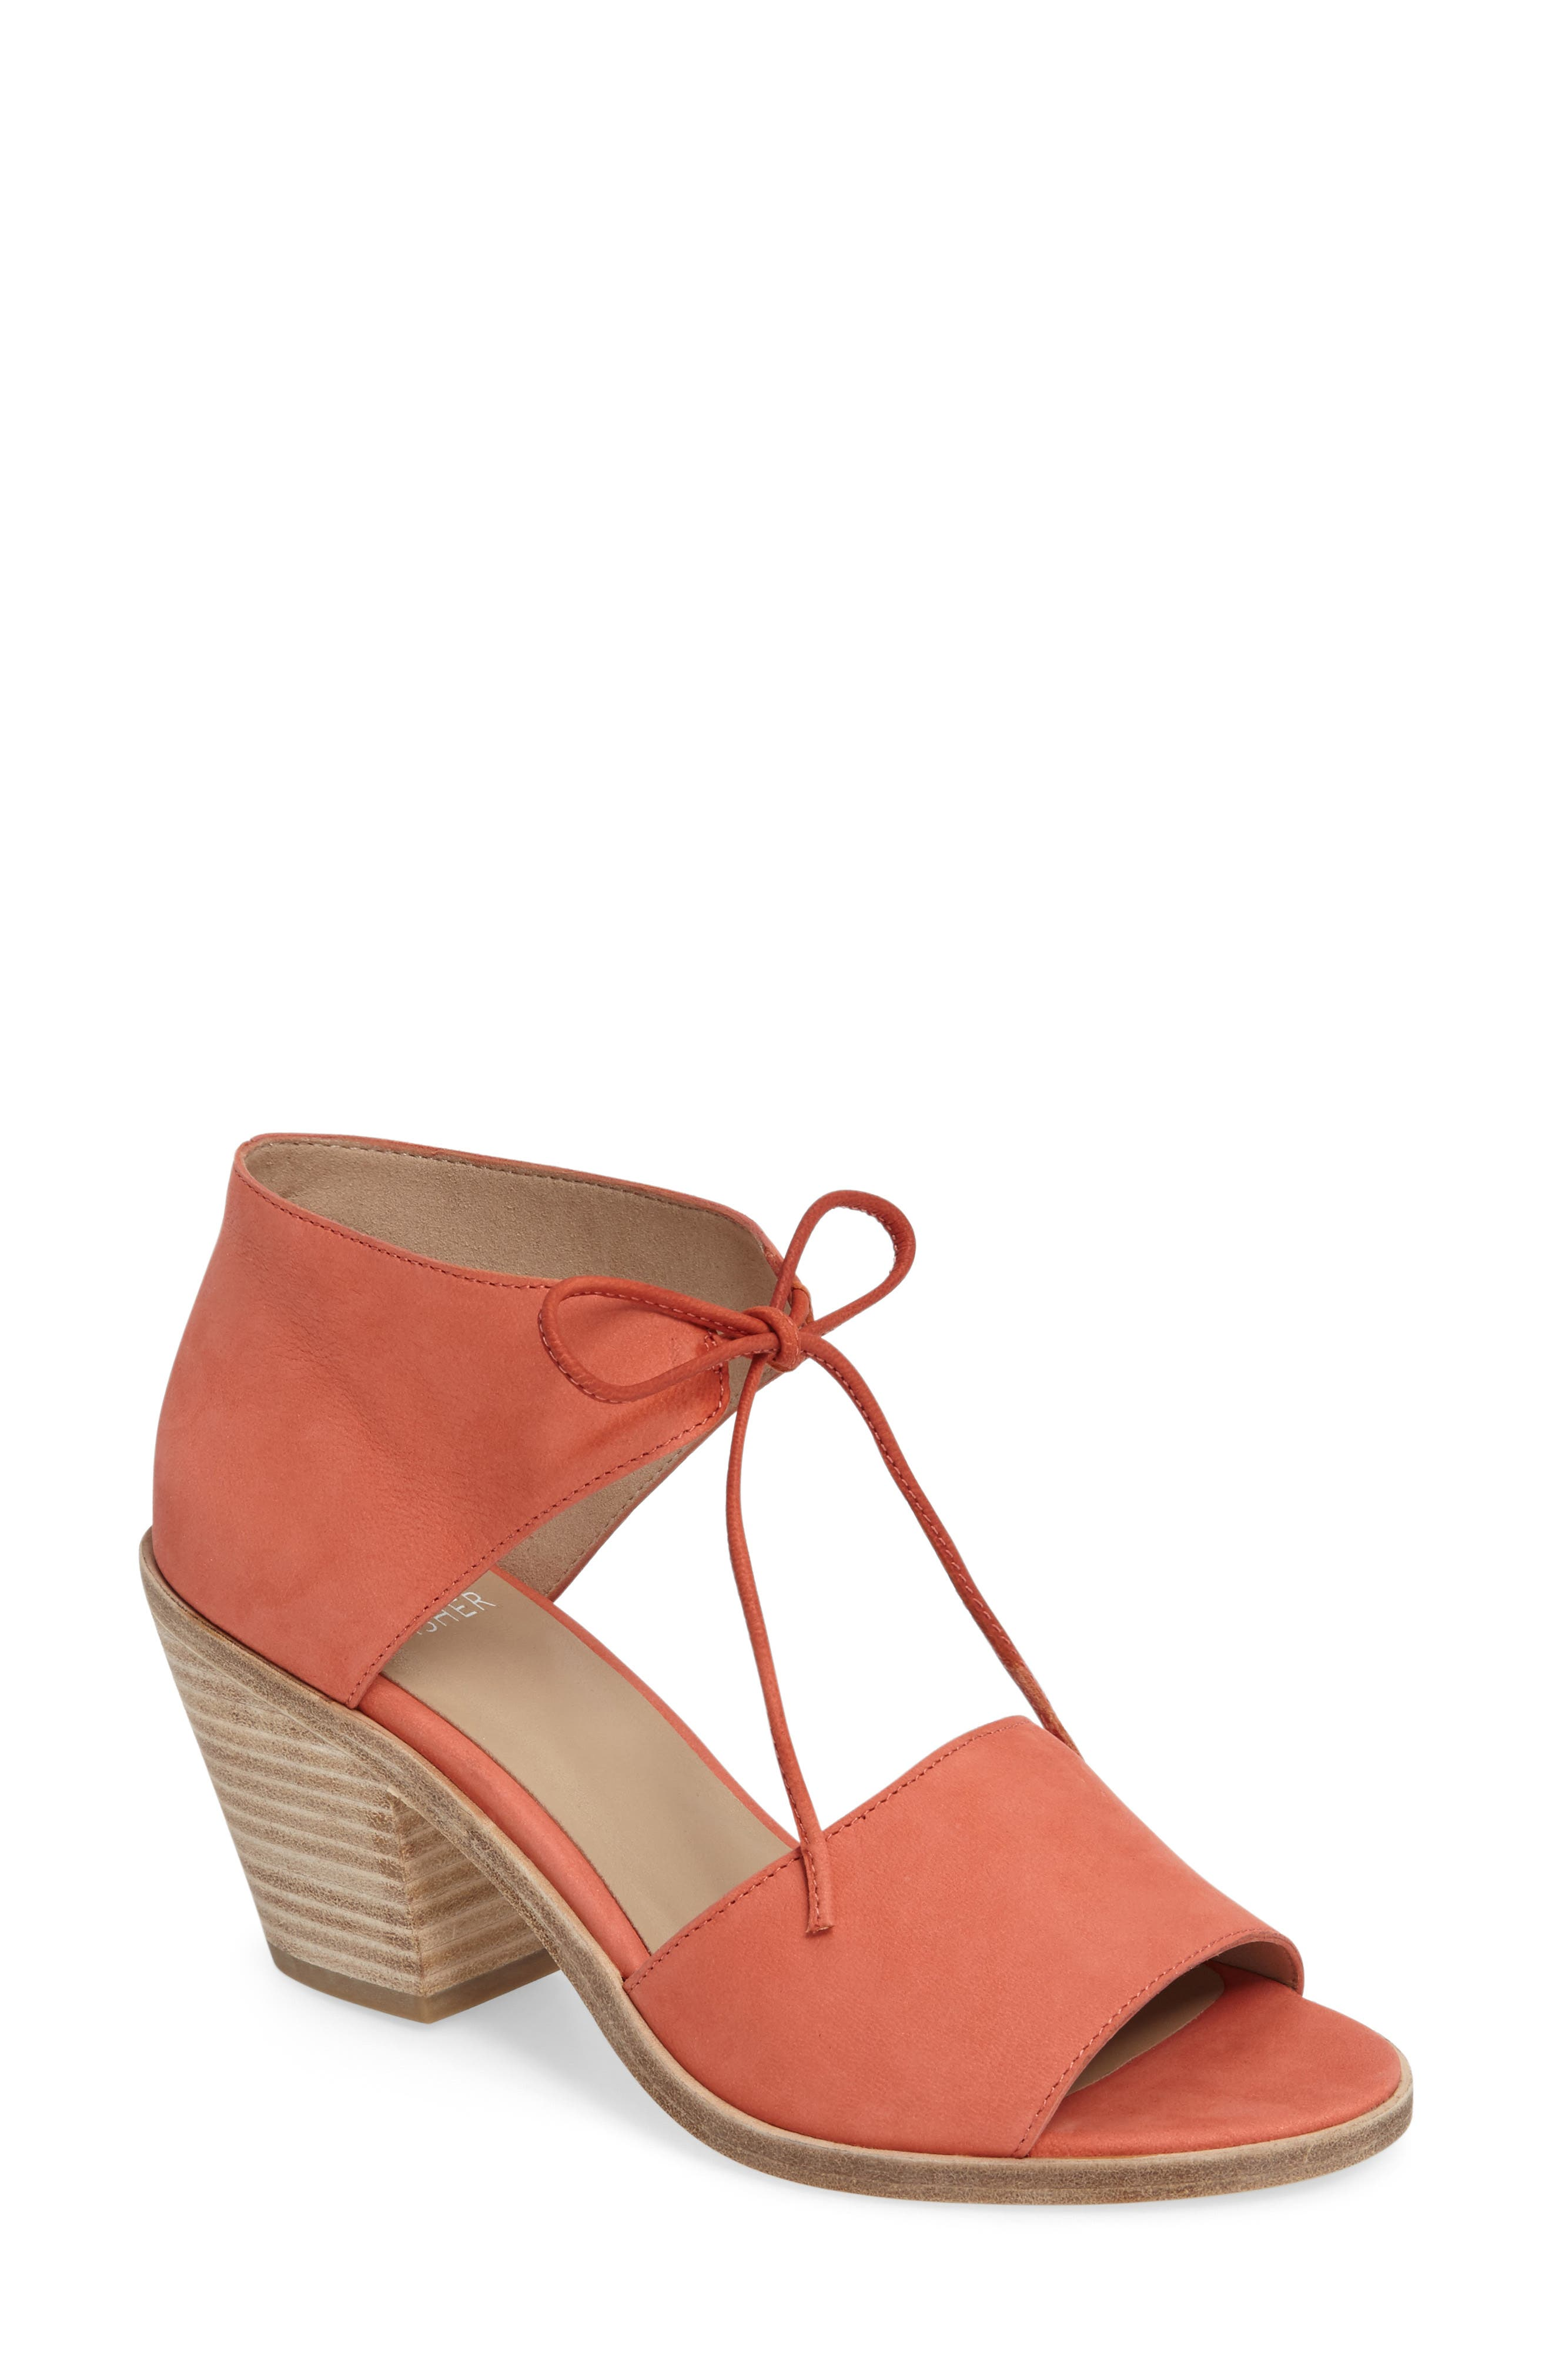 Main Image - Eileen Fisher Ann Ankle Tie Sandal (Women)